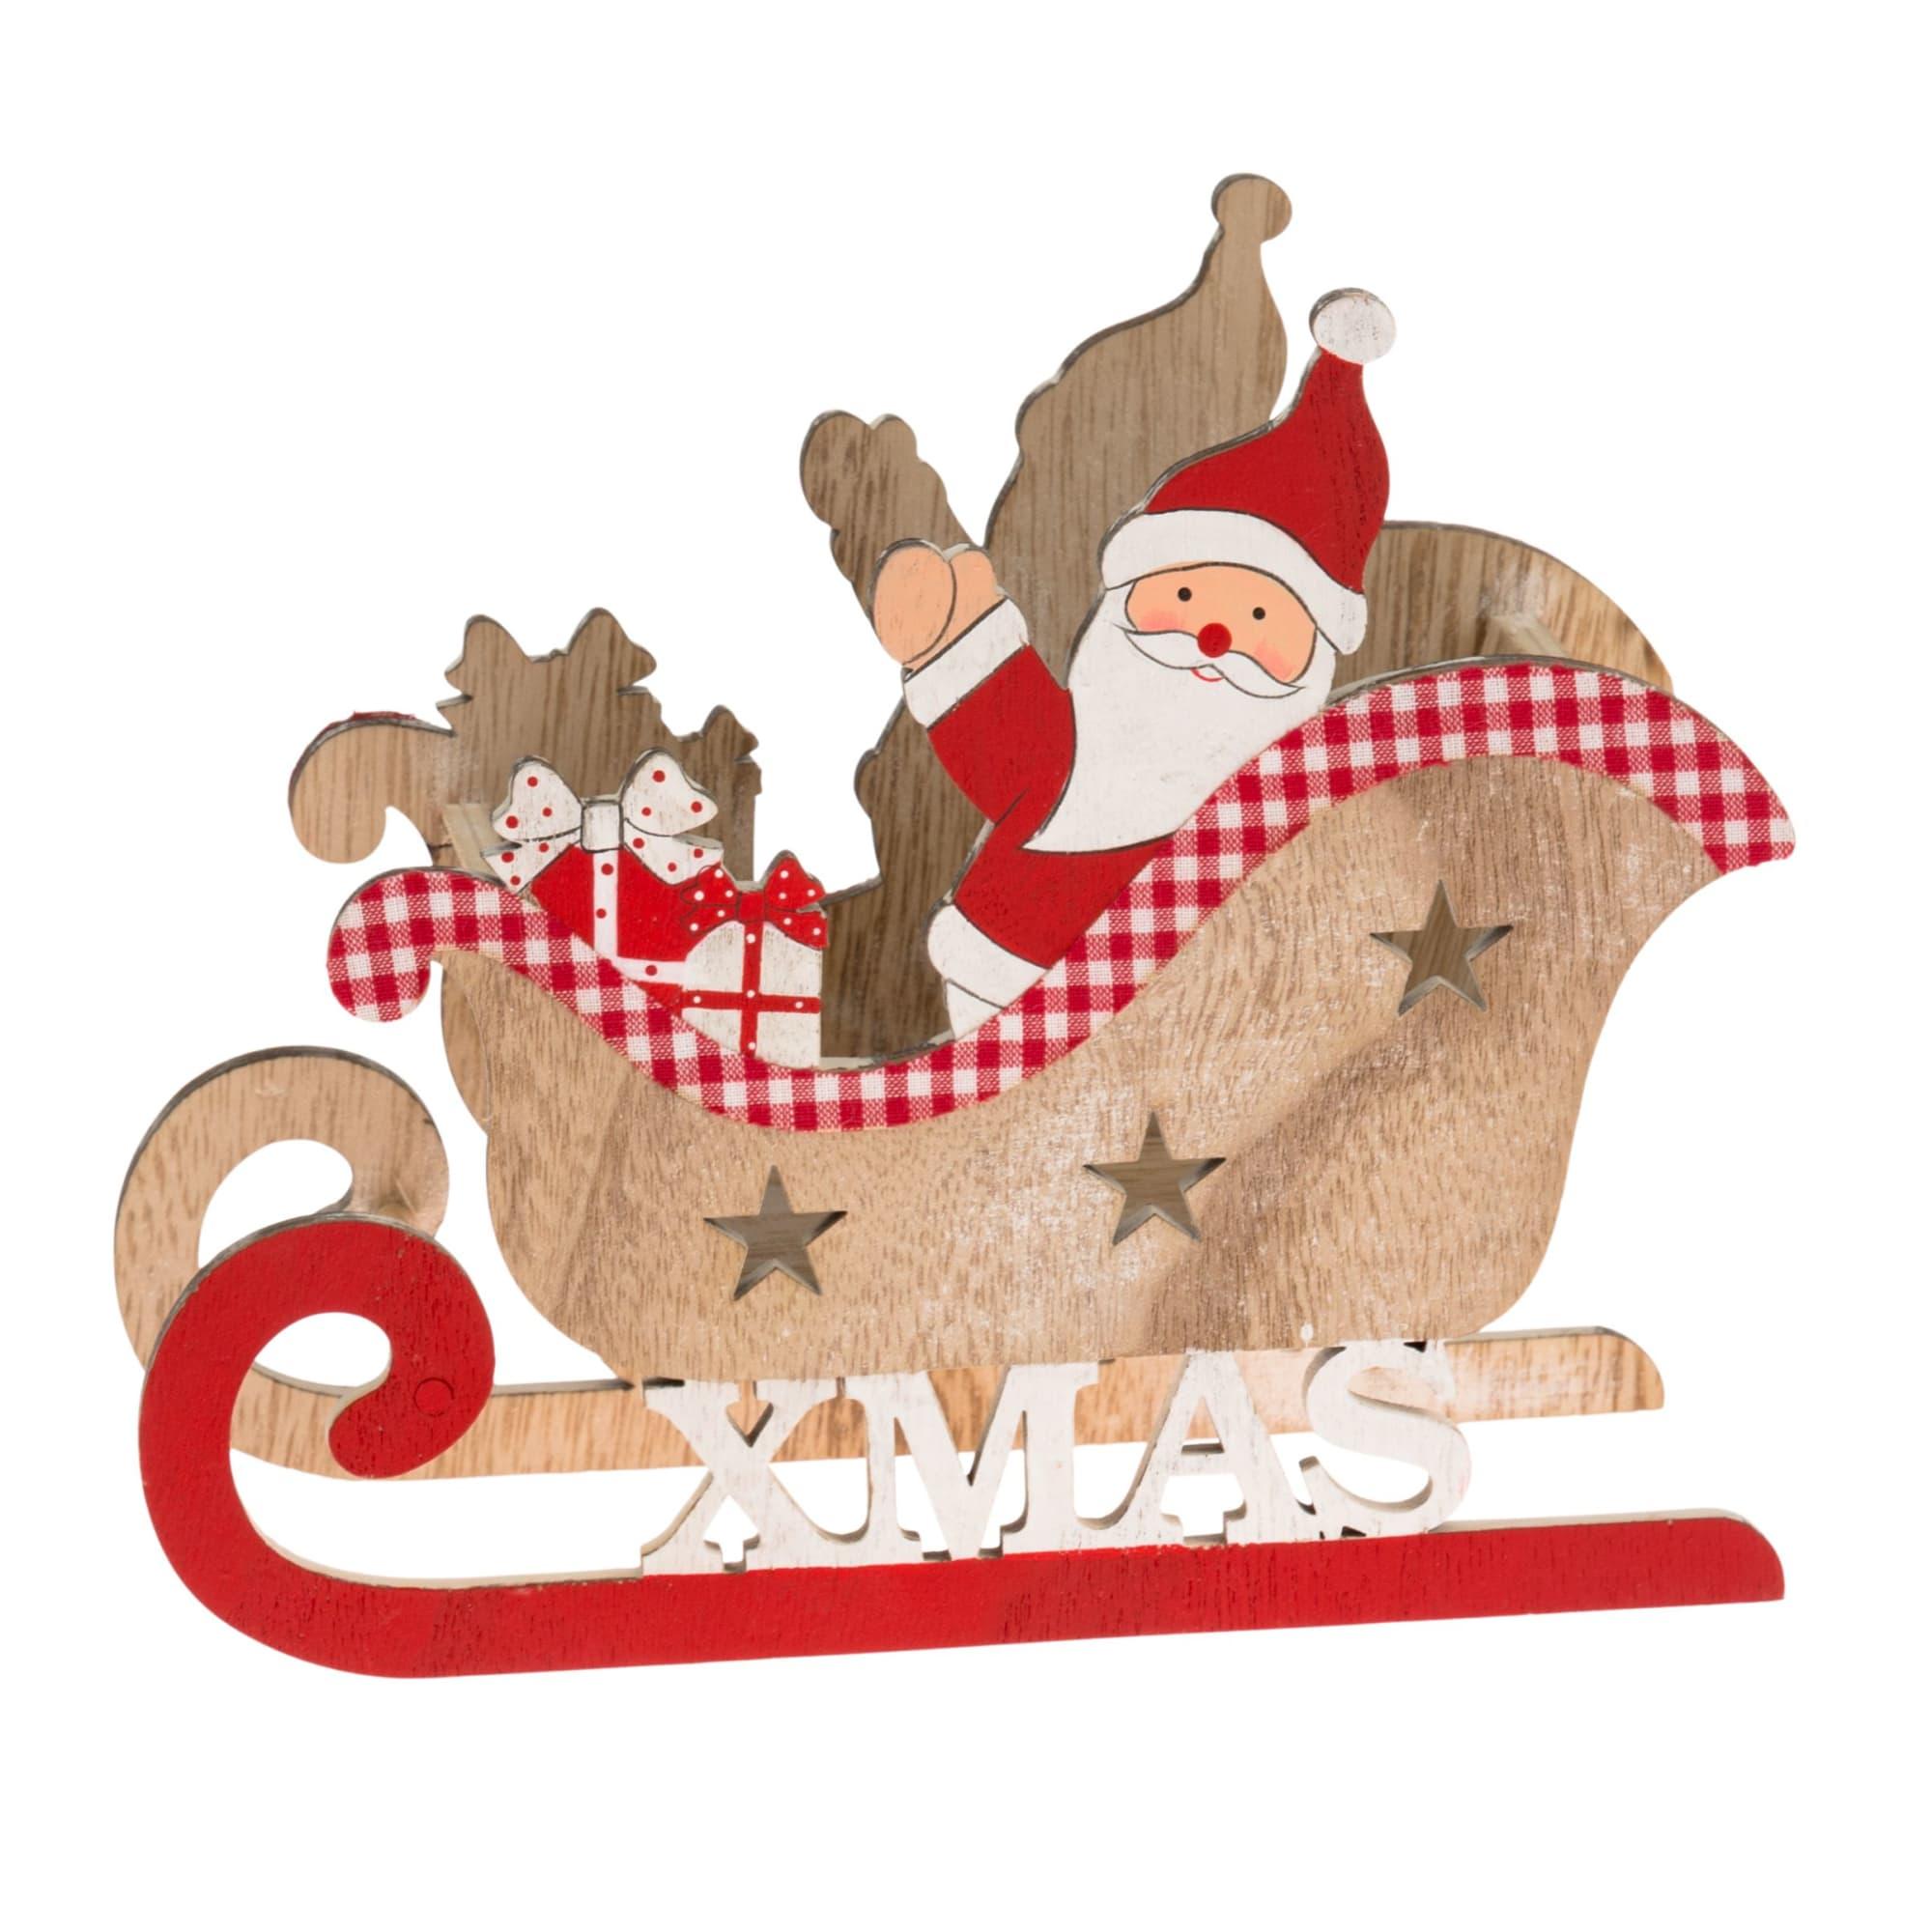 Deko-Objekt Weihnachtsschlitten Santa